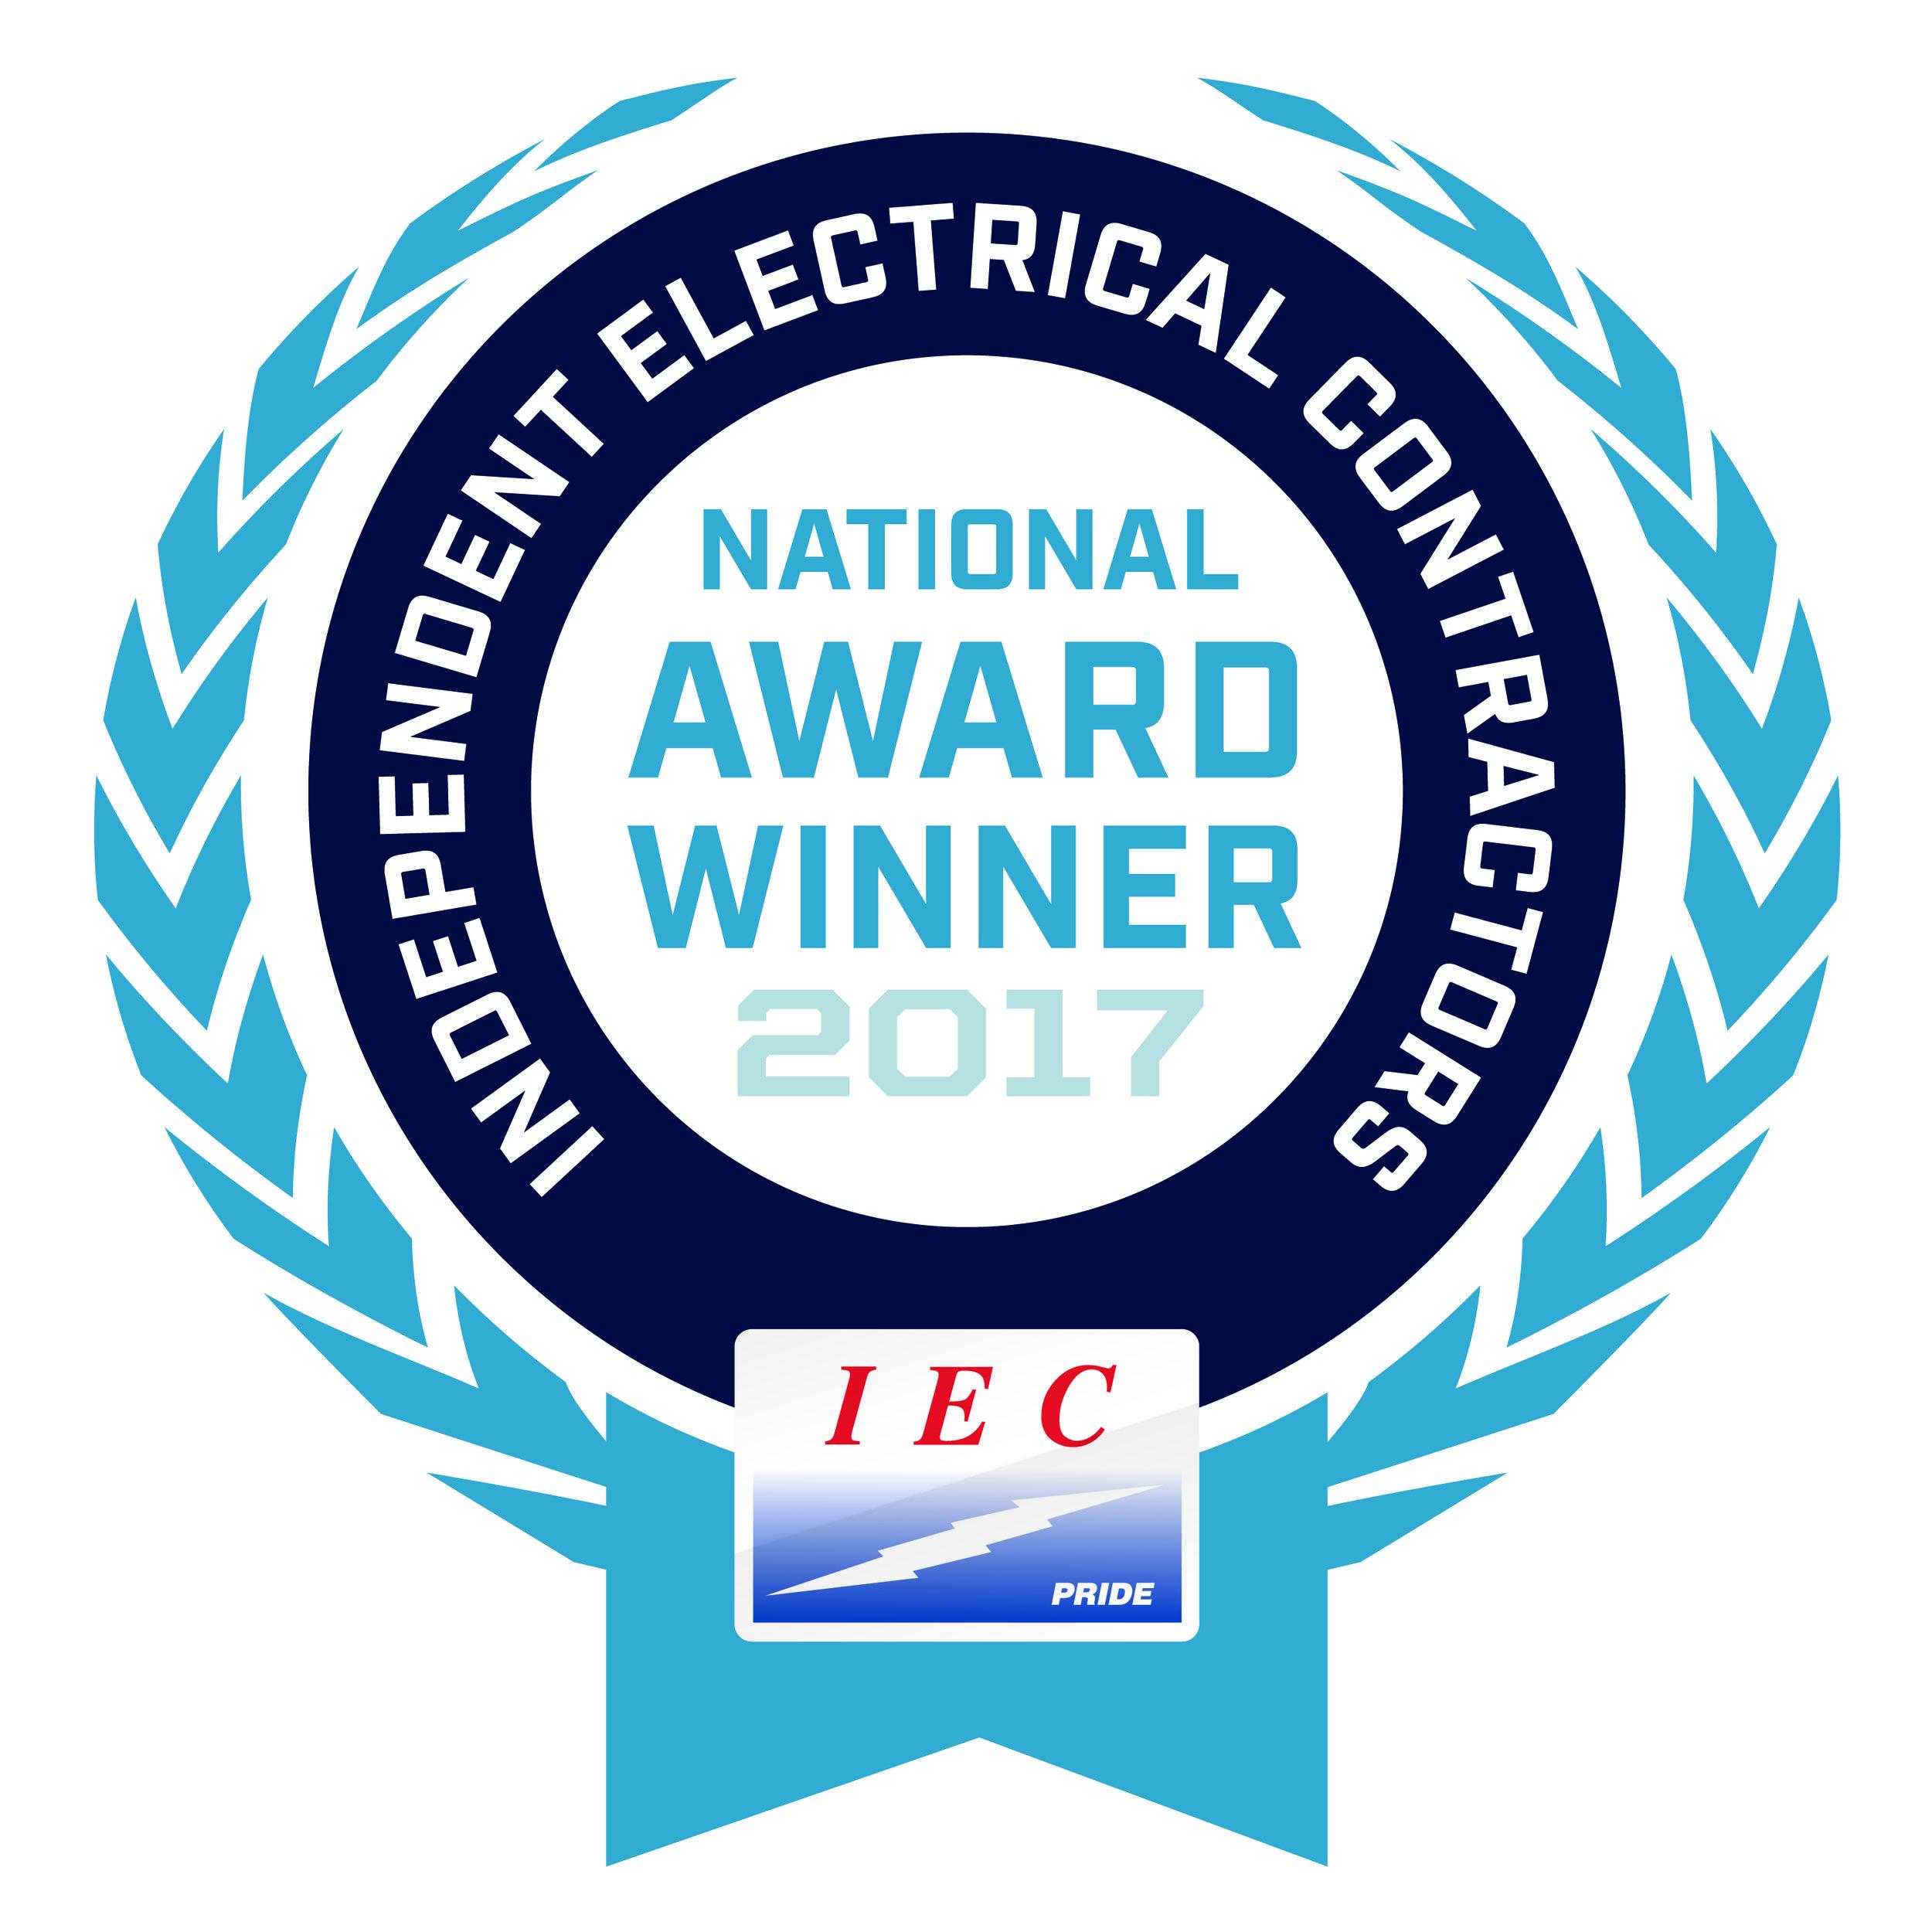 IEC Natl Award Winner Logo 2017.jpg